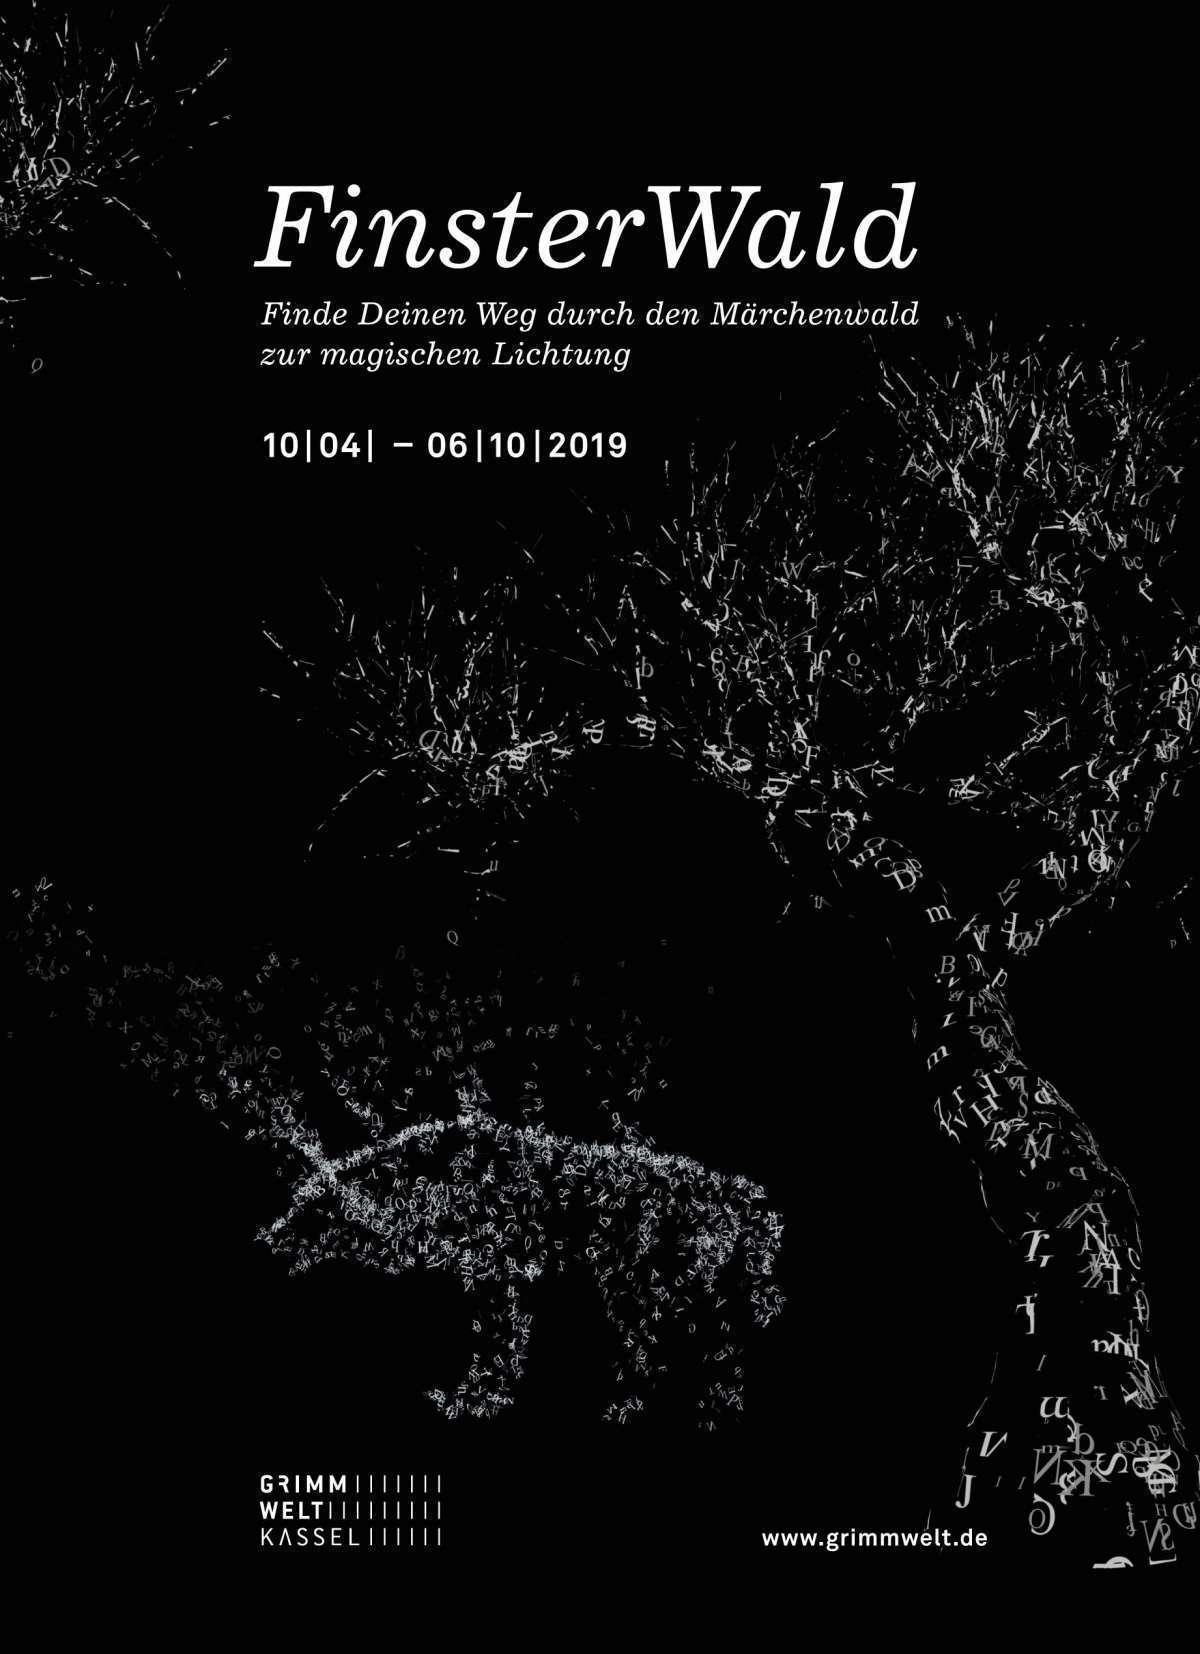 Veranstaltungen & Events am »Mittwoch, 25. September 2019« in deiner Nähe...